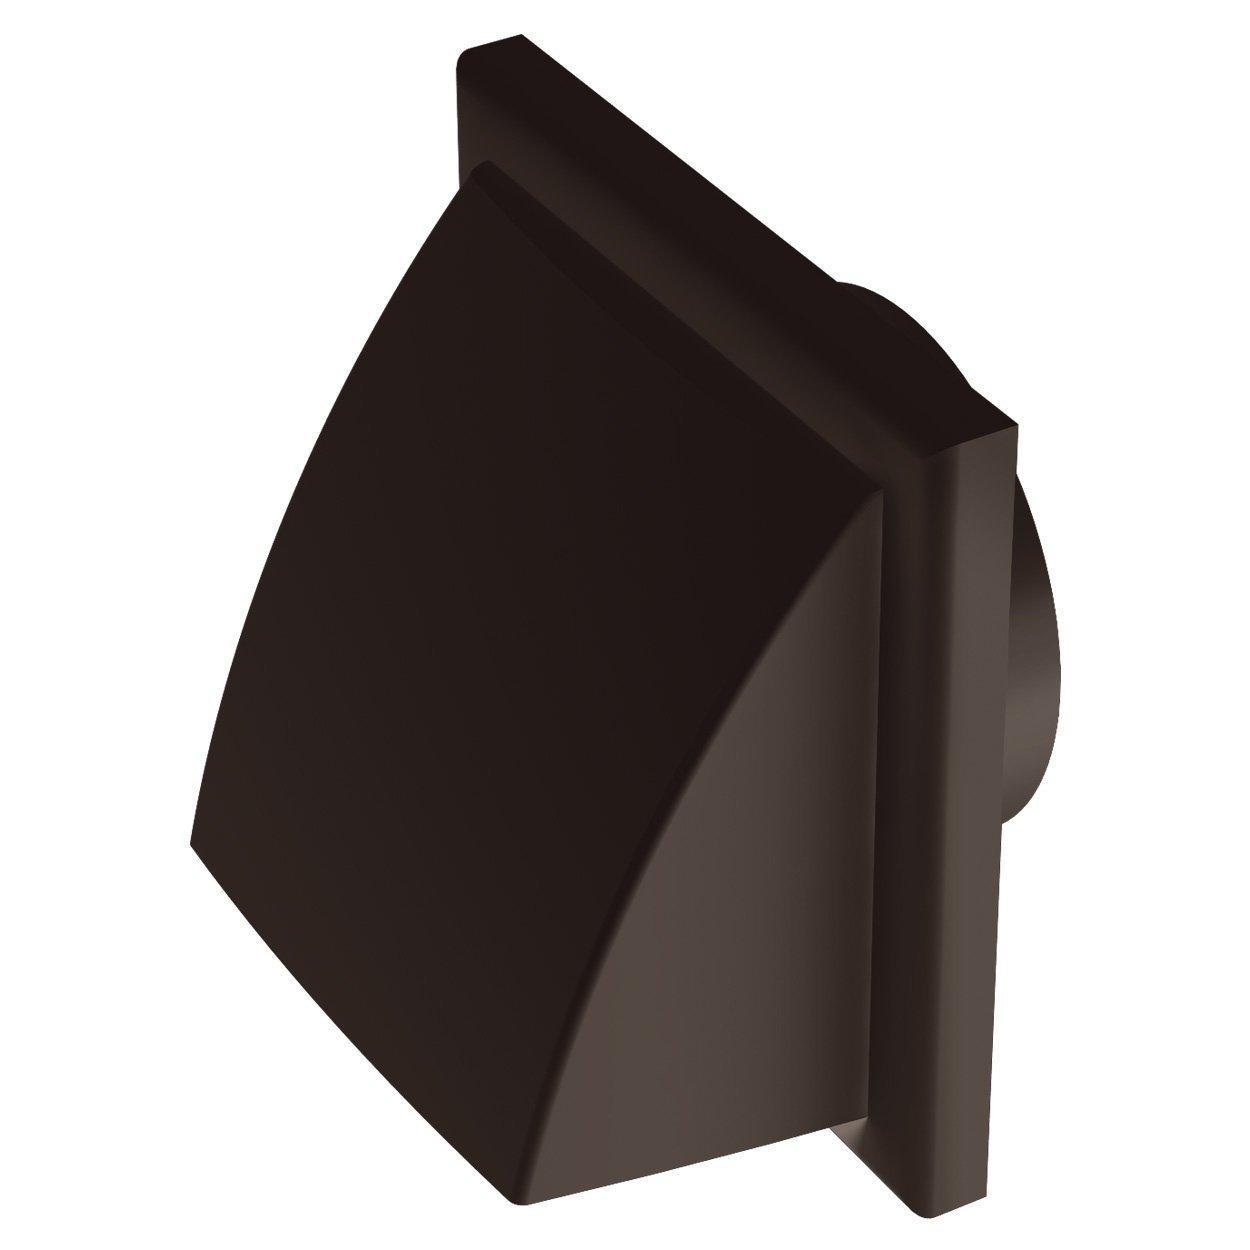 Plá stico con capucha Louvred Rejilla Cuadrí cula disparador de conducto de extractor de rejilla de pared para burlete, diseñ o de ventilació n 150 mm conducto de SQ, 4 '(100 mm) 4(100mm) Black Orchid